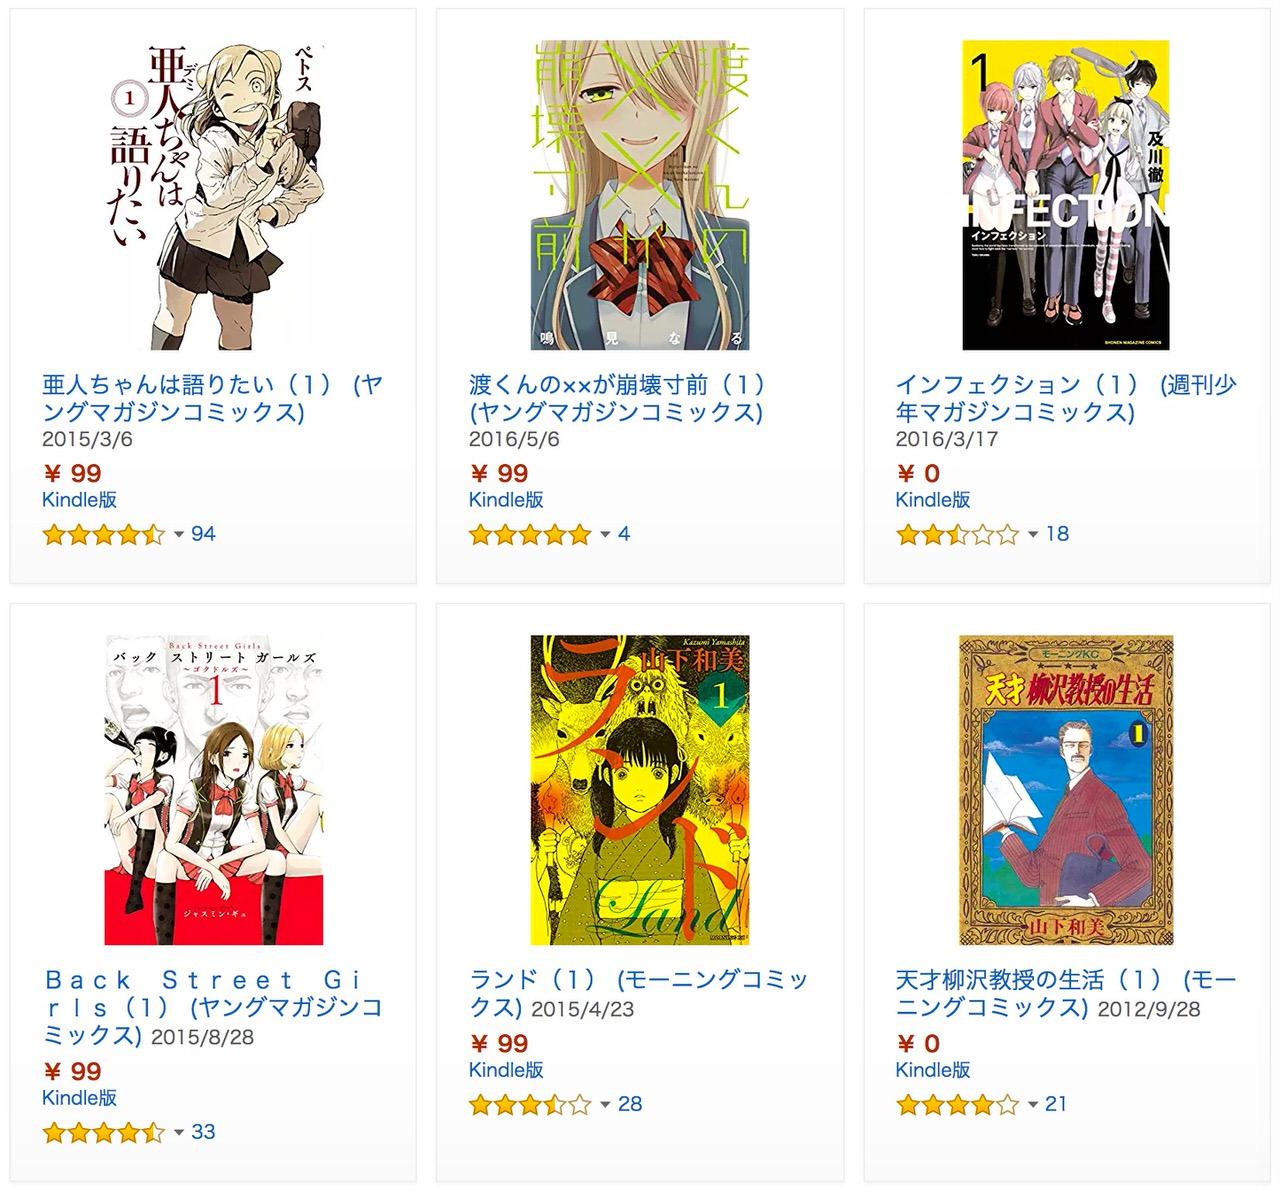 【Kindle】【期間限定無料多数】「冬☆電書」少年・青年コミックセール (1/19まで)